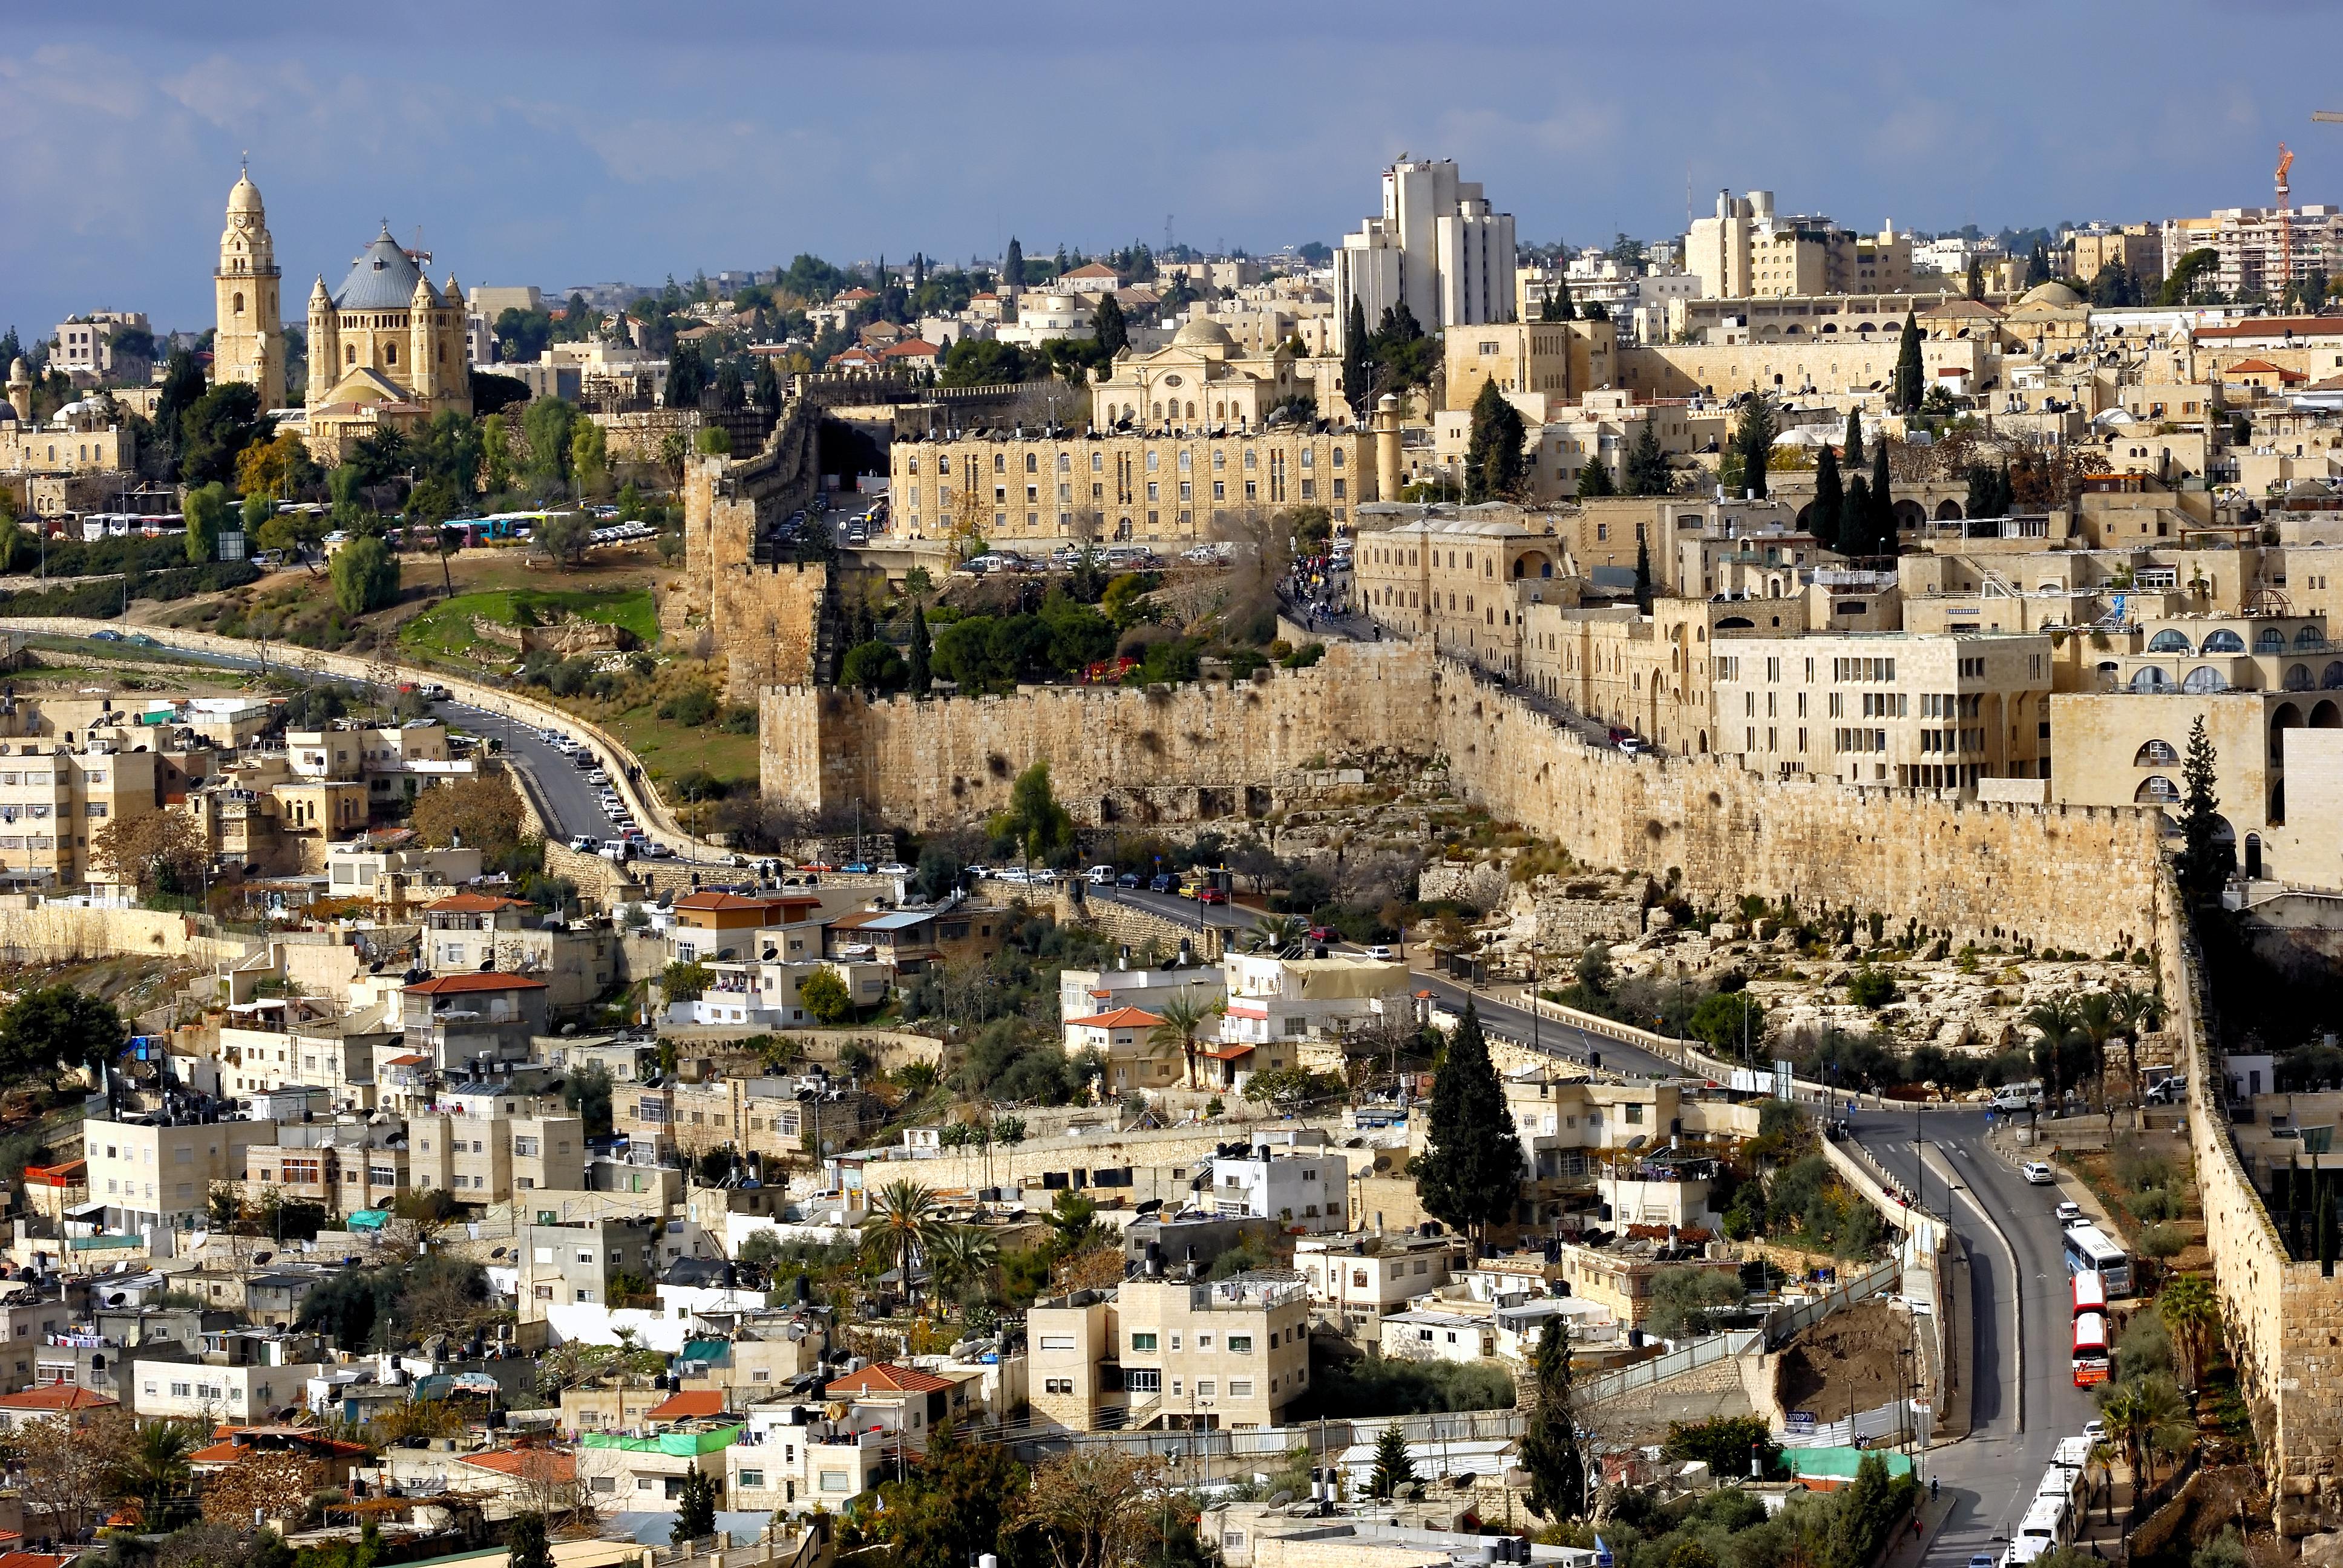 The holy city of Jerusalem, Palestine